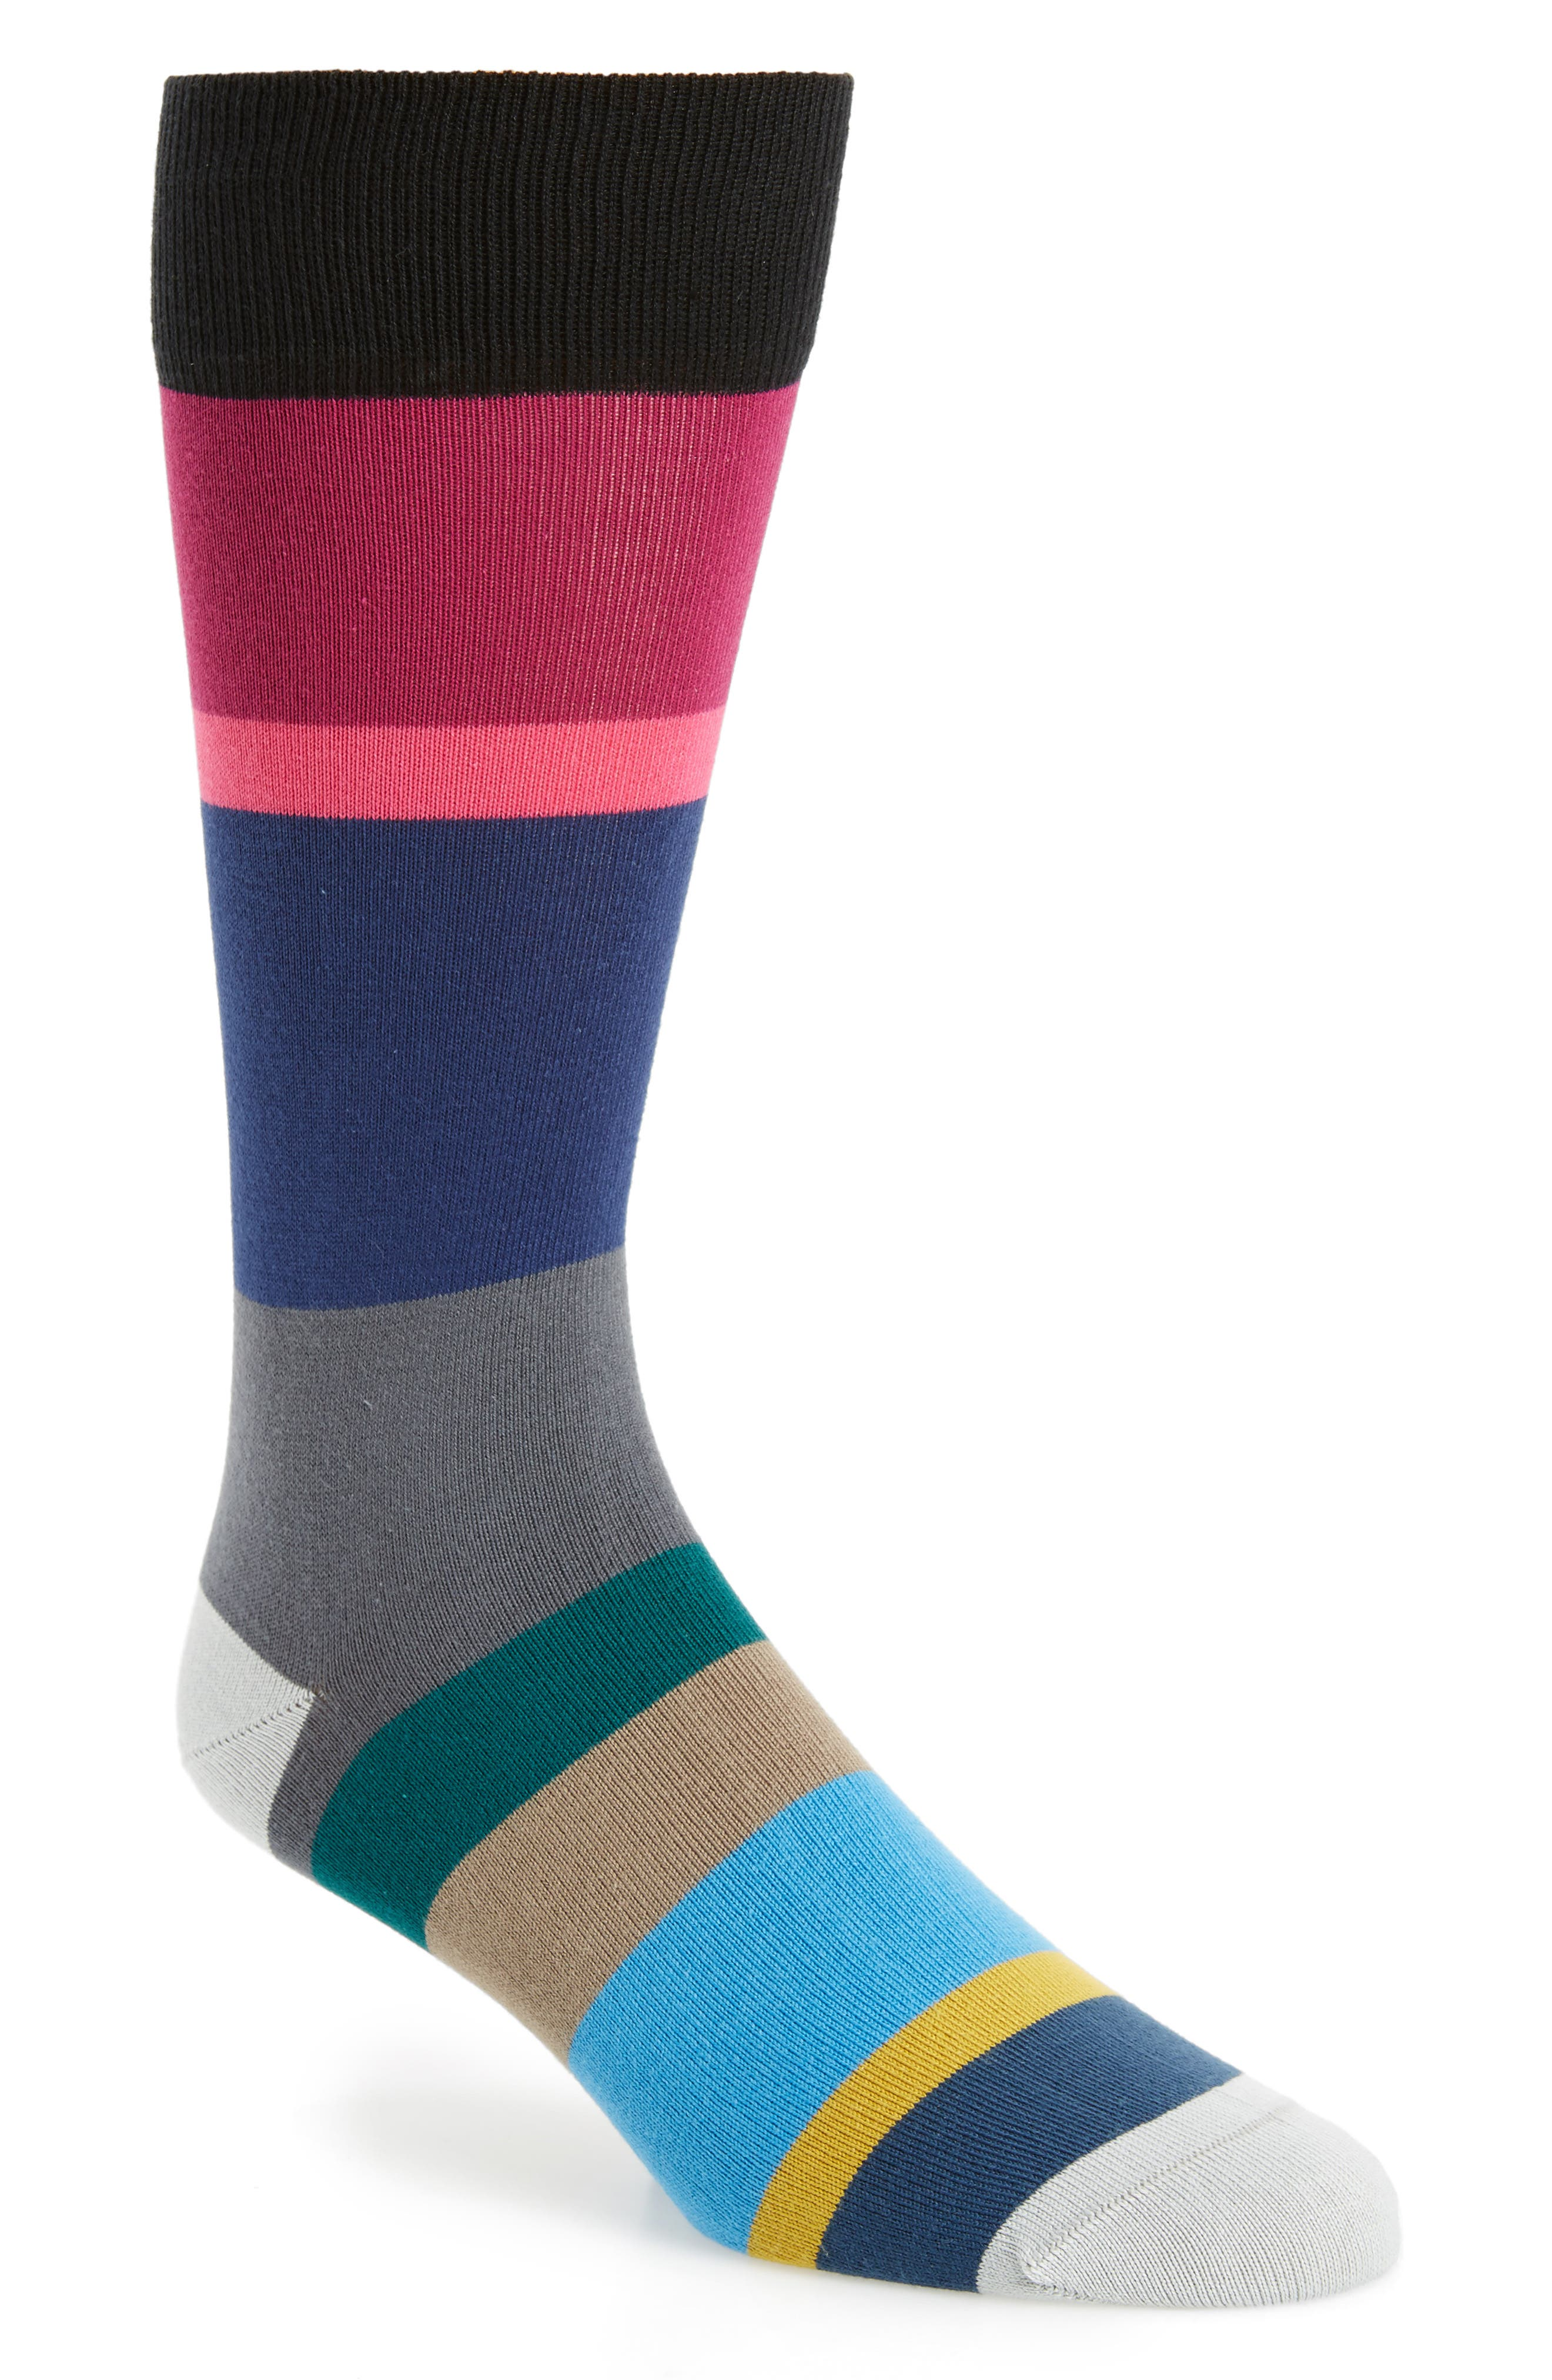 Jolly Colorblock Socks,                             Main thumbnail 1, color,                             Blue/ Grey Multi